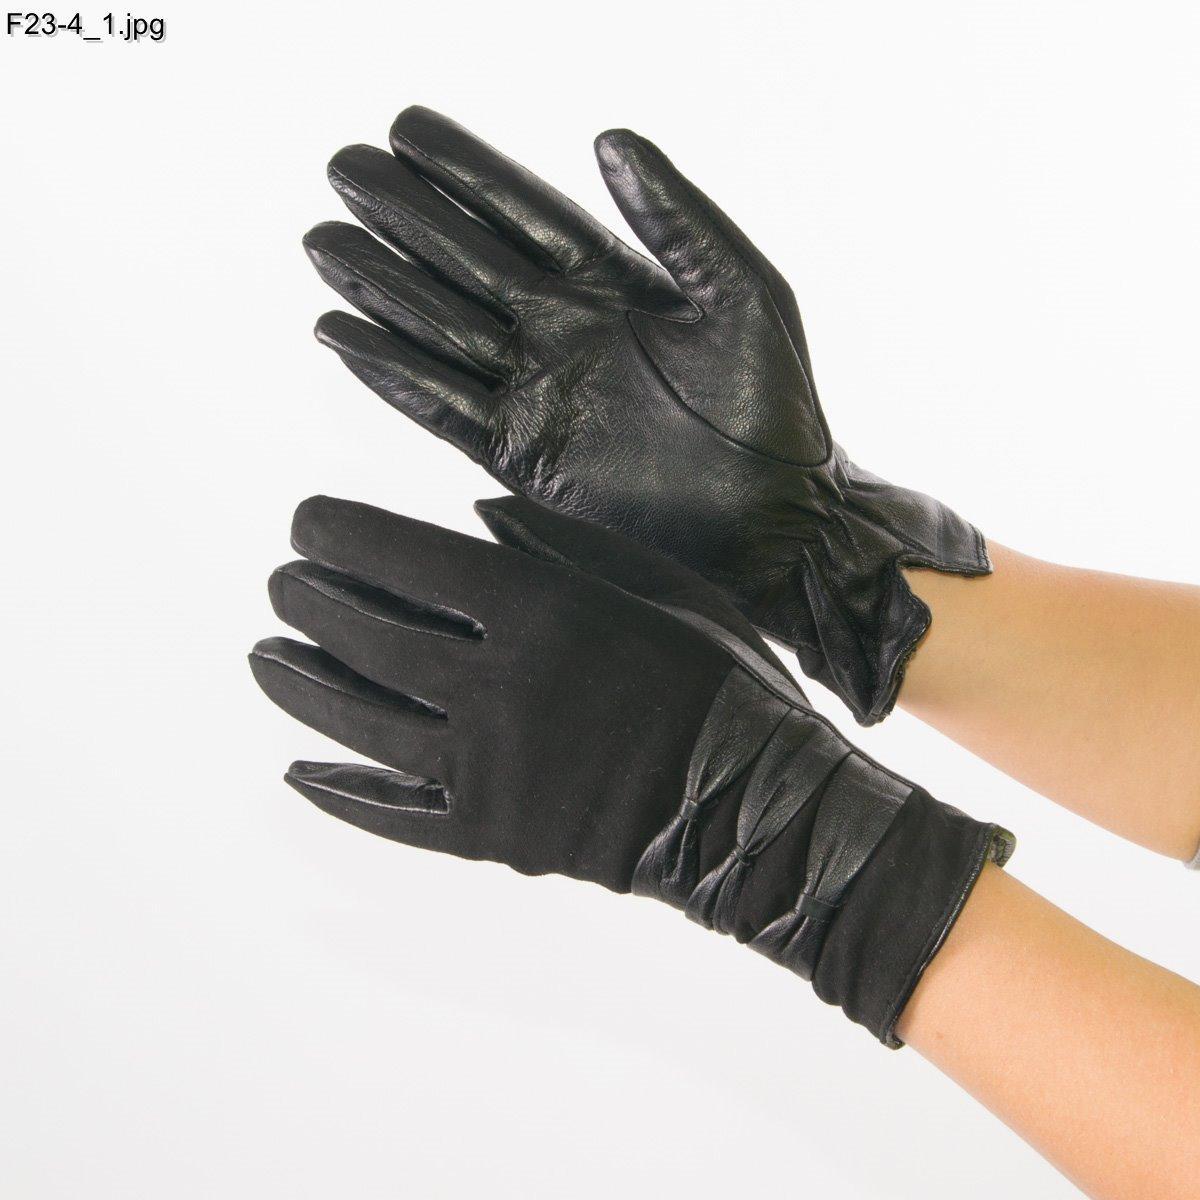 Женские замшевые перчатки с кожаной ладошкой с шерстяной подкладкой - №F23-4